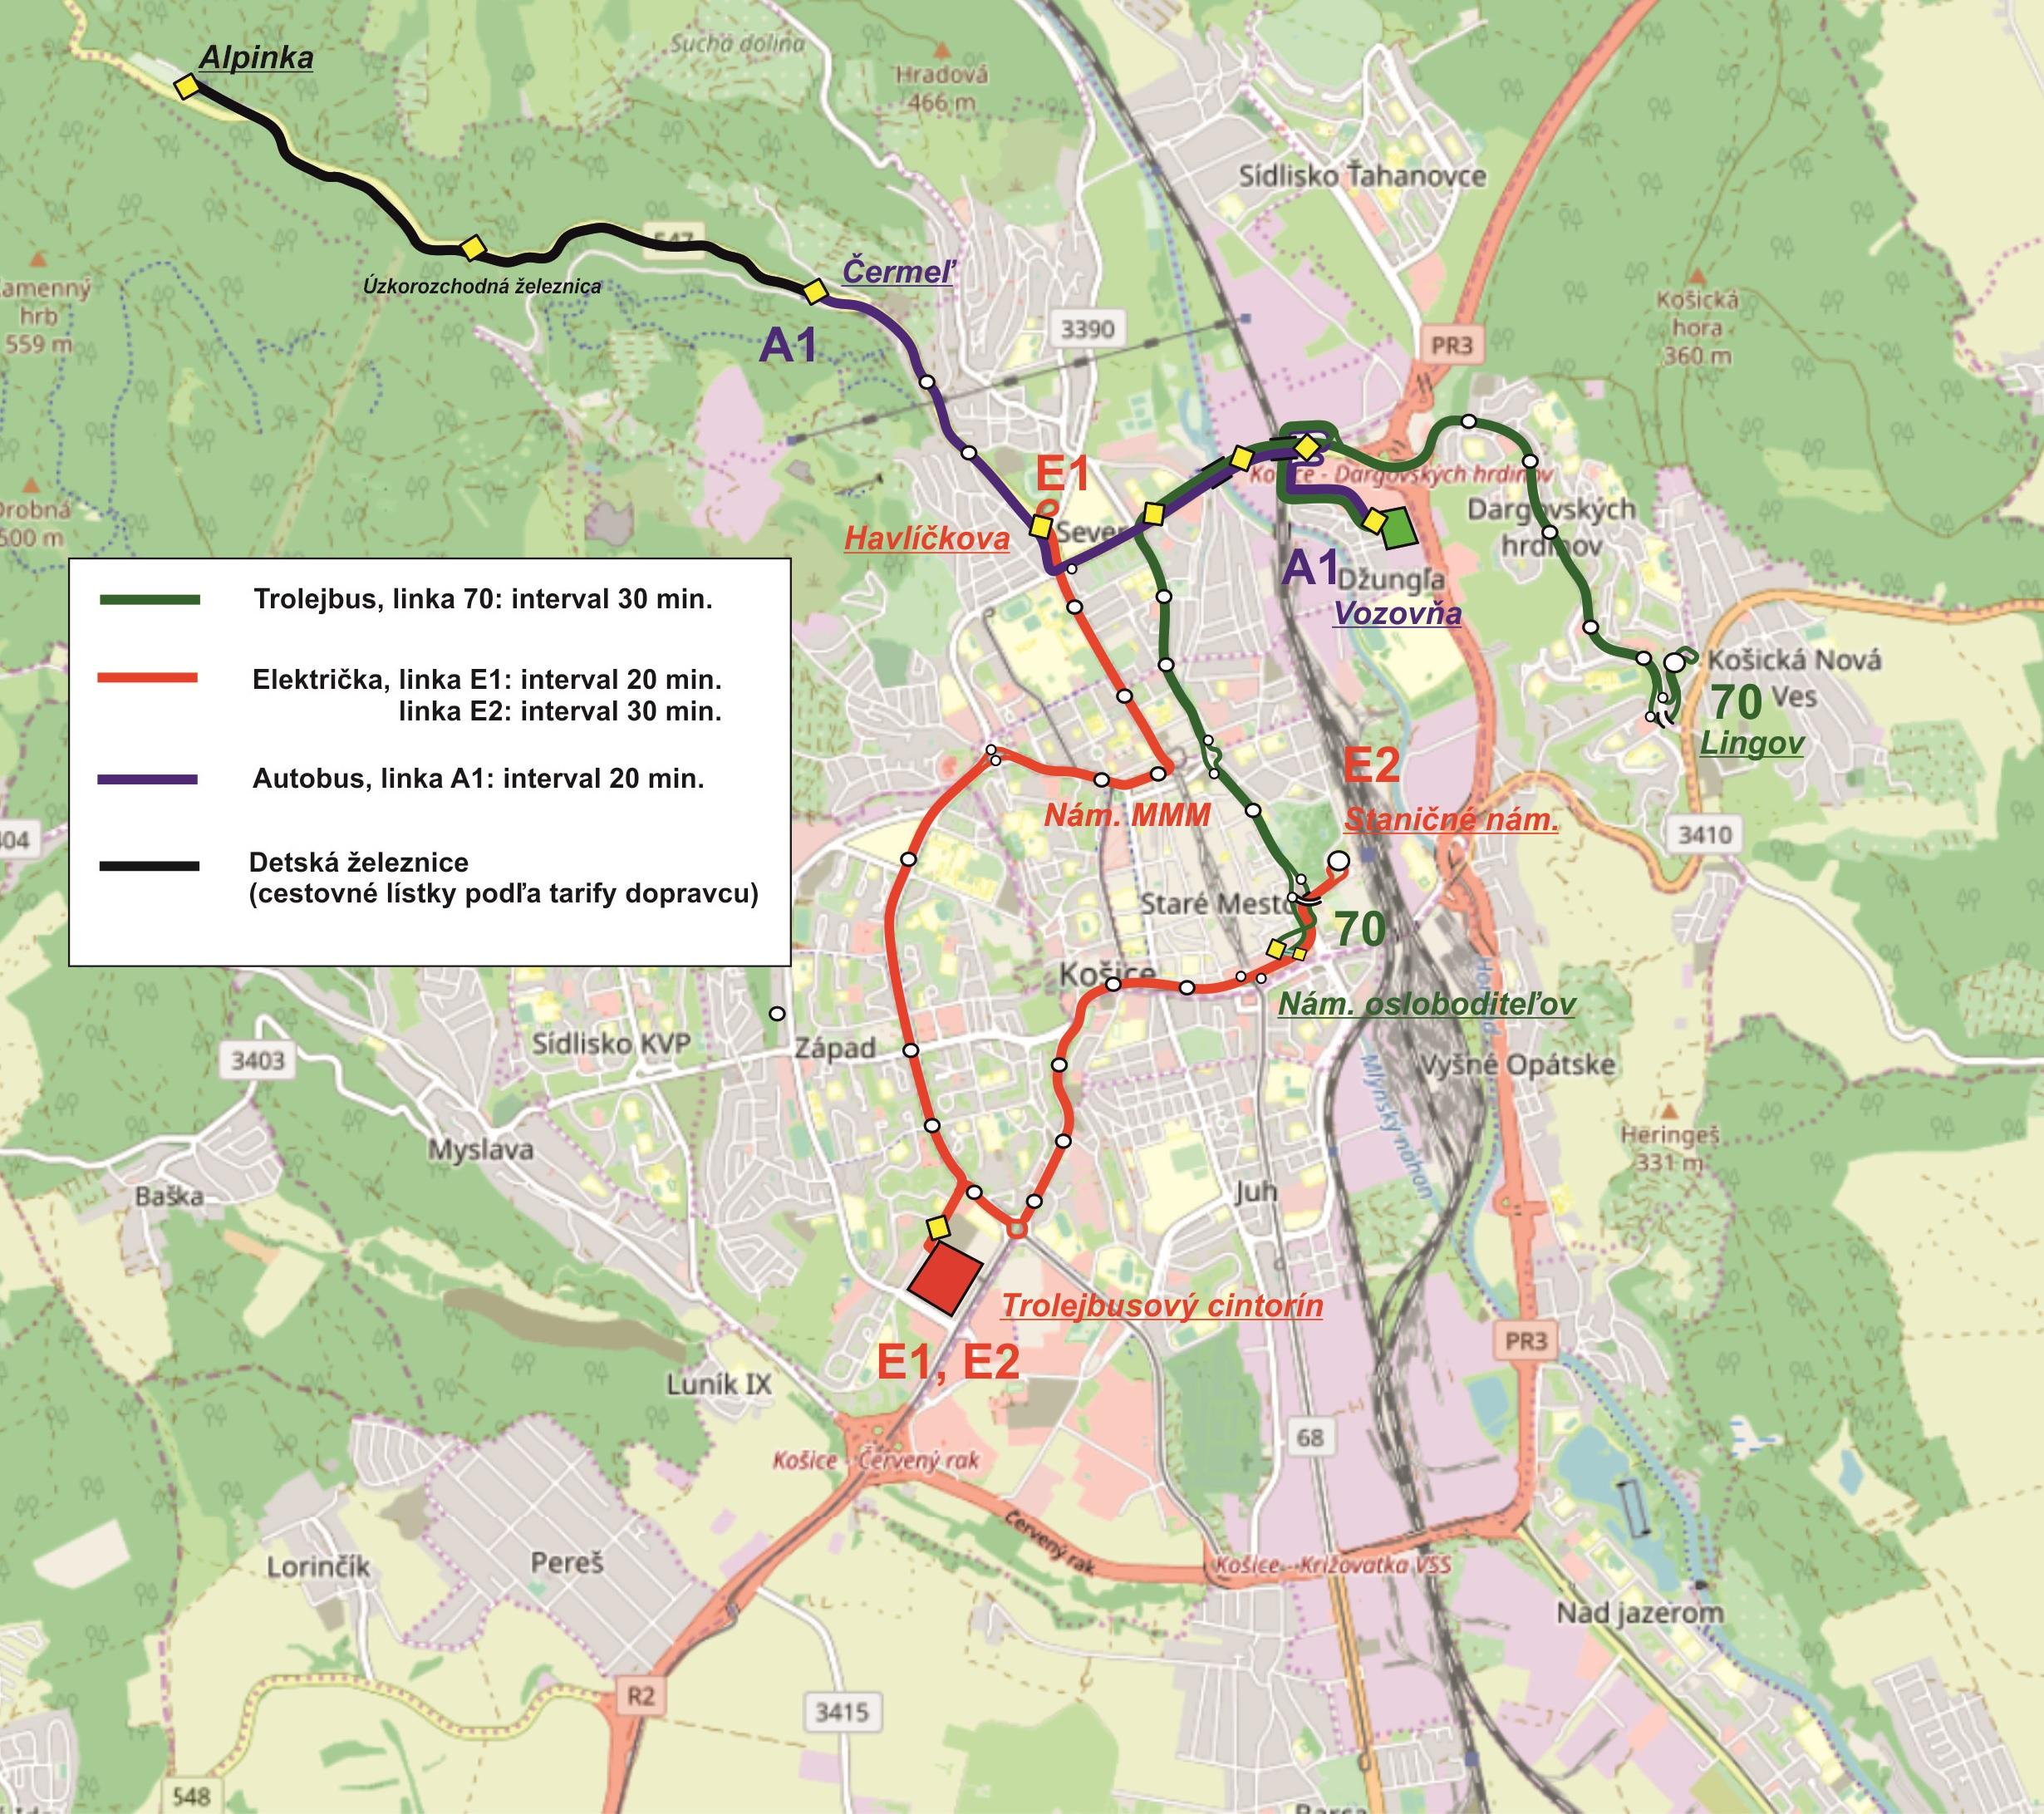 Trasy zvláštních linek dne 22. 6. 2019. (zpracoval: Petr Bystroń)